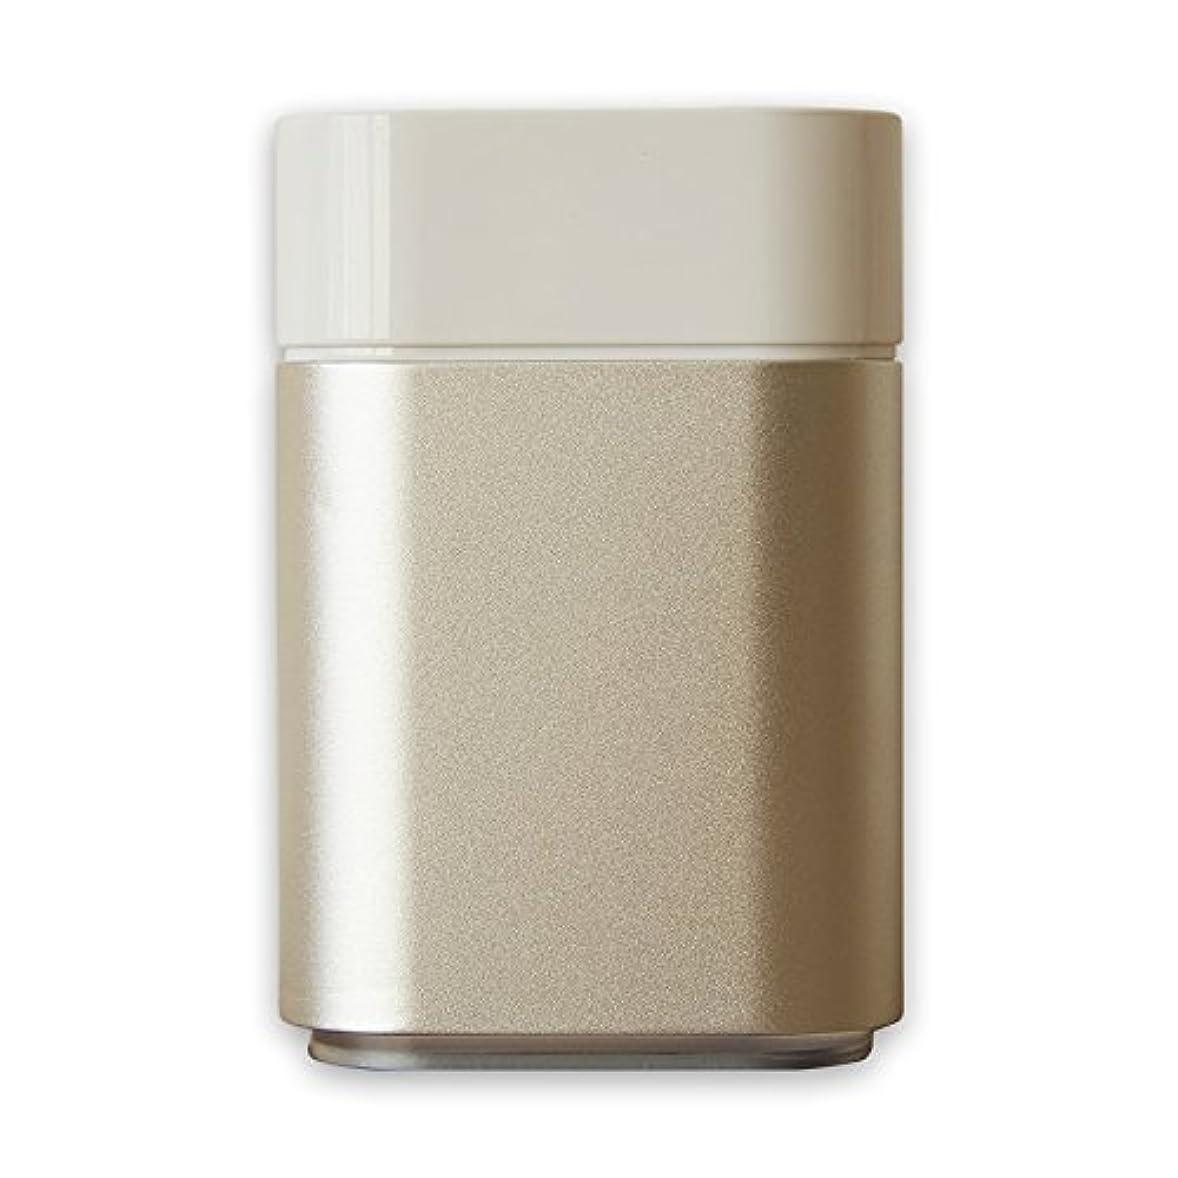 スタイルアンドリューハリディスモッグアロマディフューザー UR-AROMA04 卓上 小型 Uruon(ウルオン)水を使わない アロマ ネブライザー式 水なし ダイレクトオイル 製油瓶直噴式 超音波式 USB 卓上 油性 水性 静音 アロマオイル